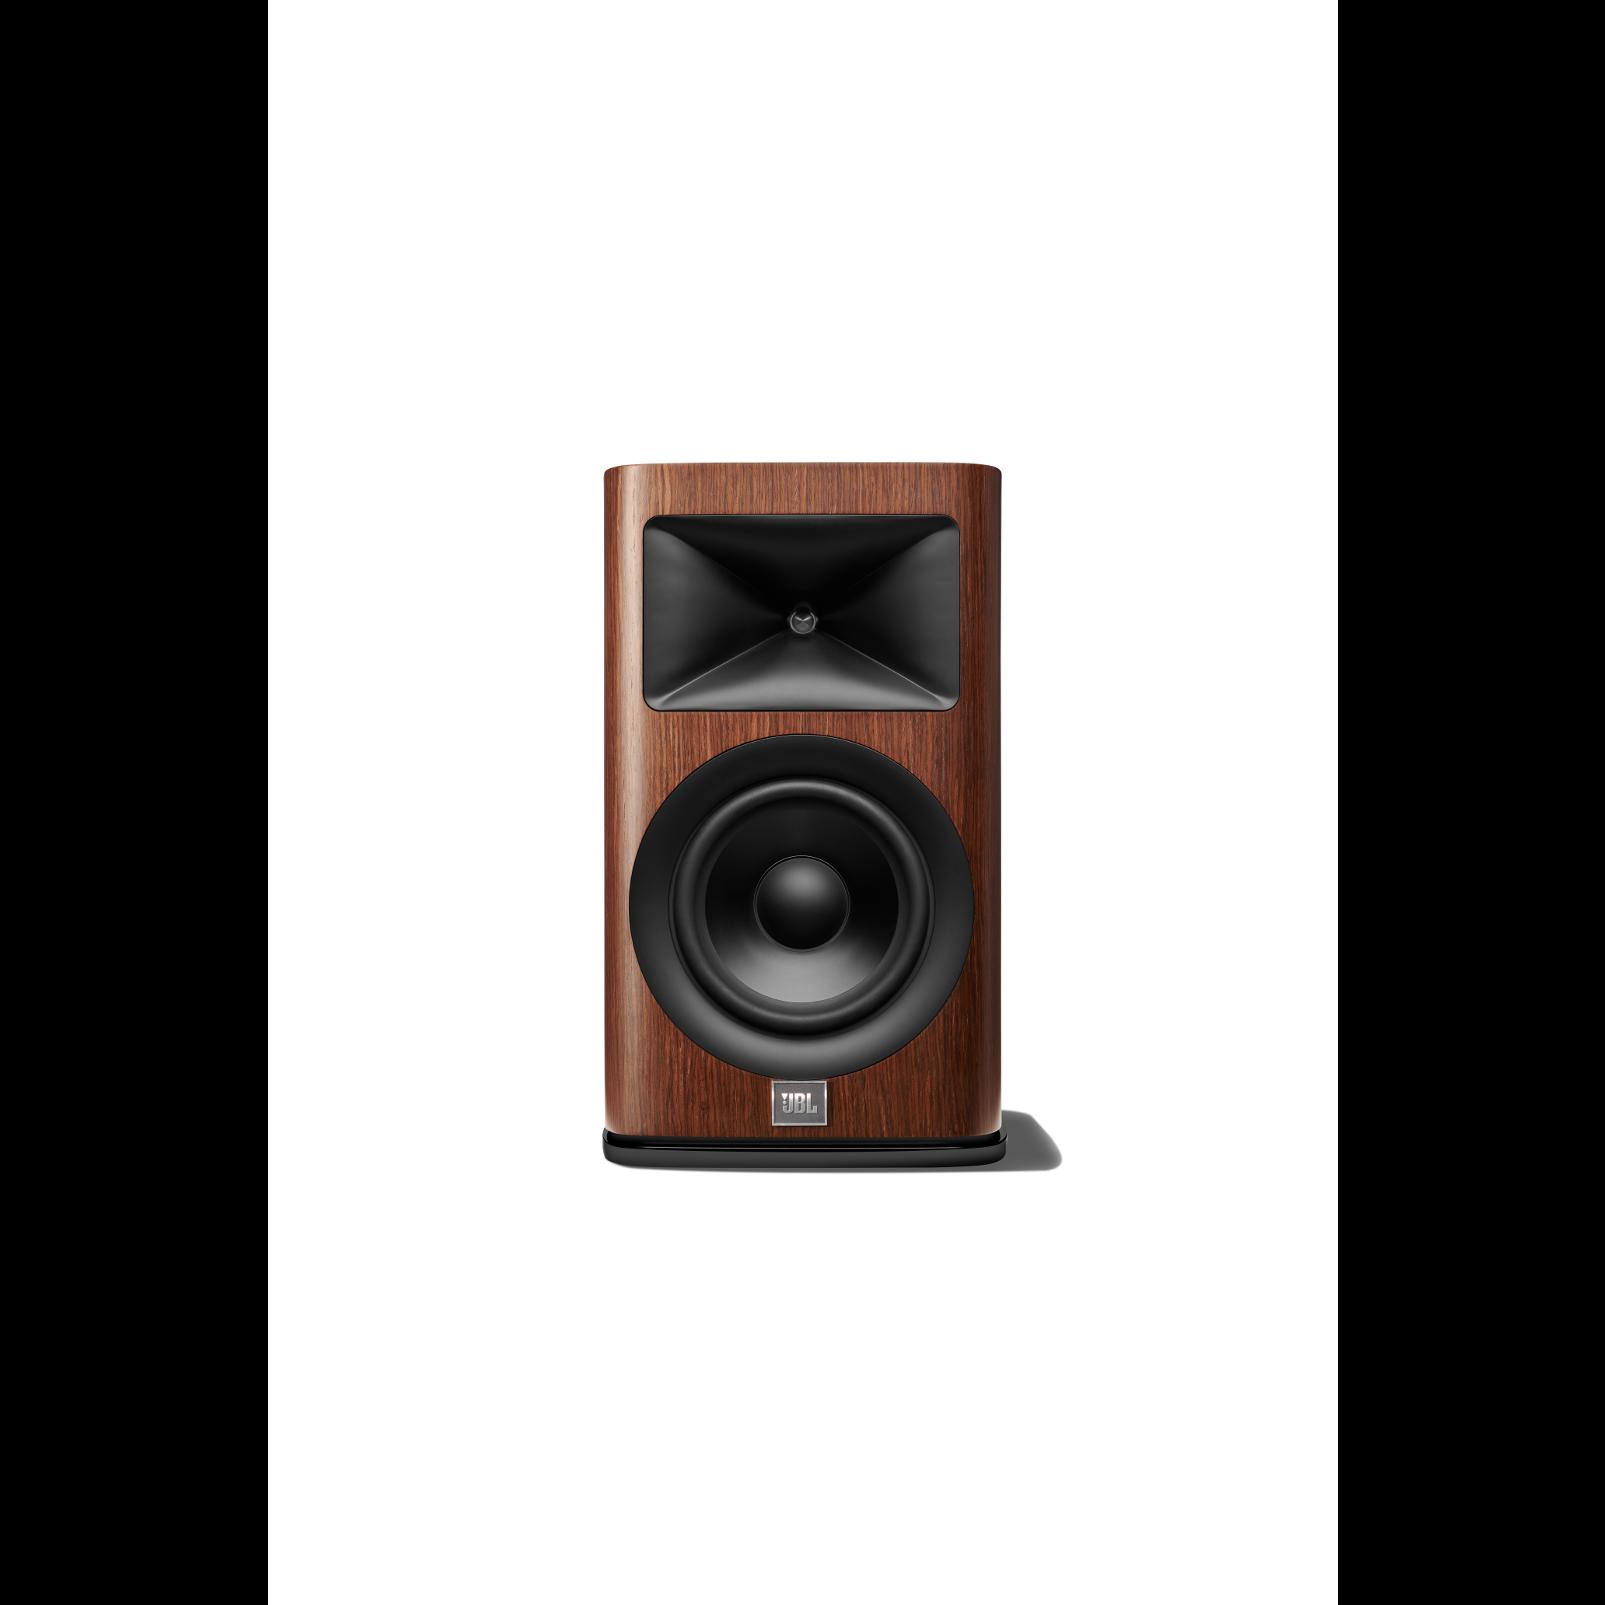 HDI-1600 - Walnut - 2-way 6.5-inch (165mm) Bookshelf Loudspeaker - Hero